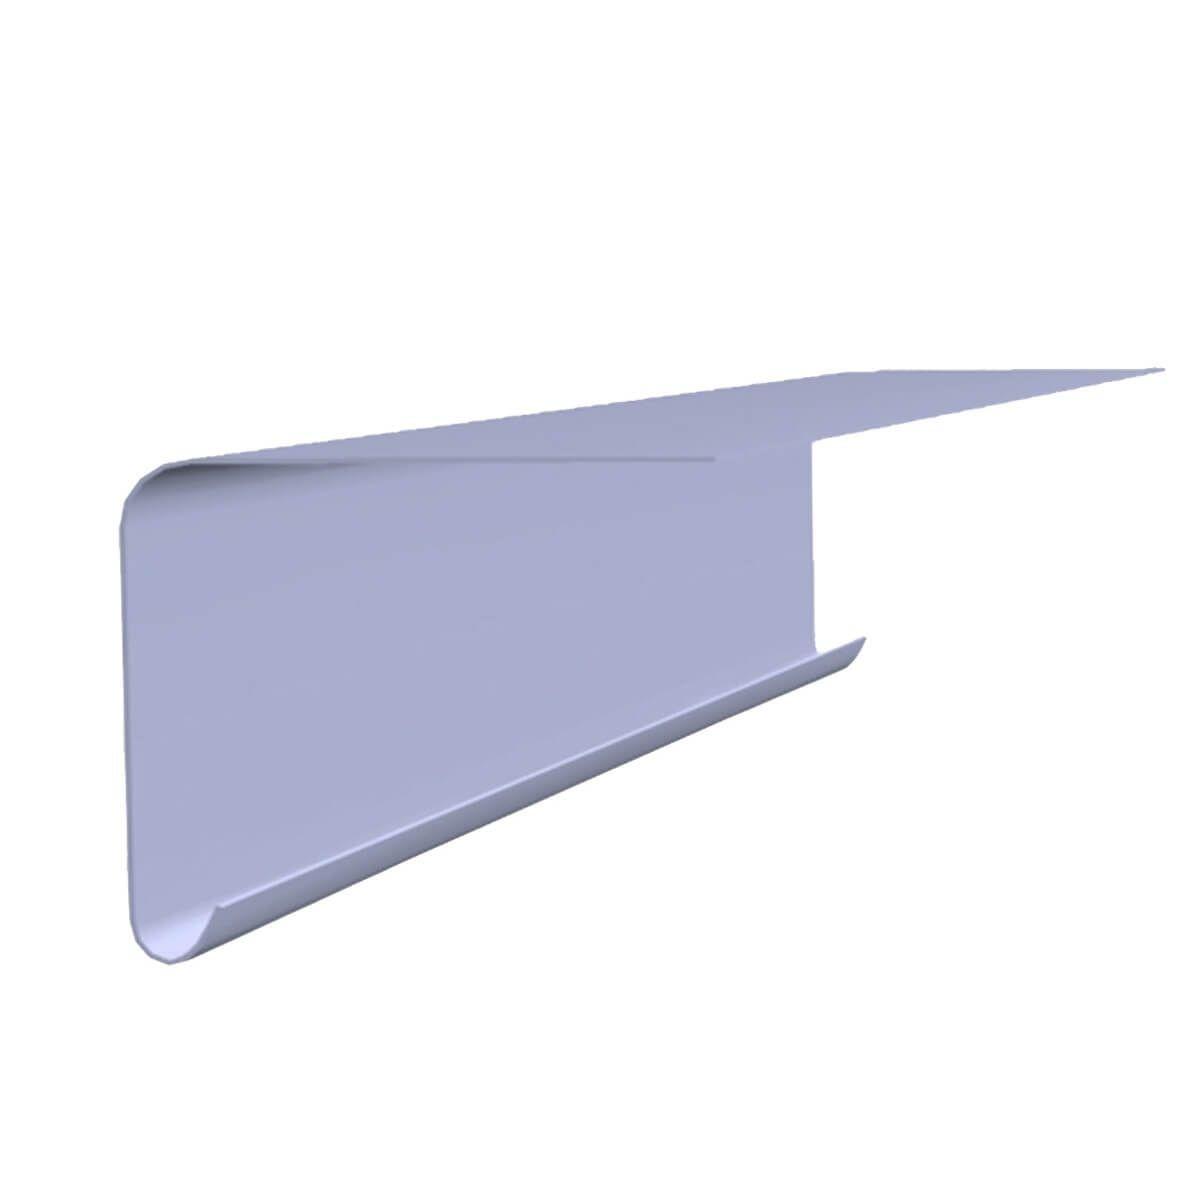 CURE-IT GRP A170 DRIP FASCIA TRIM 3M  CITTRA170